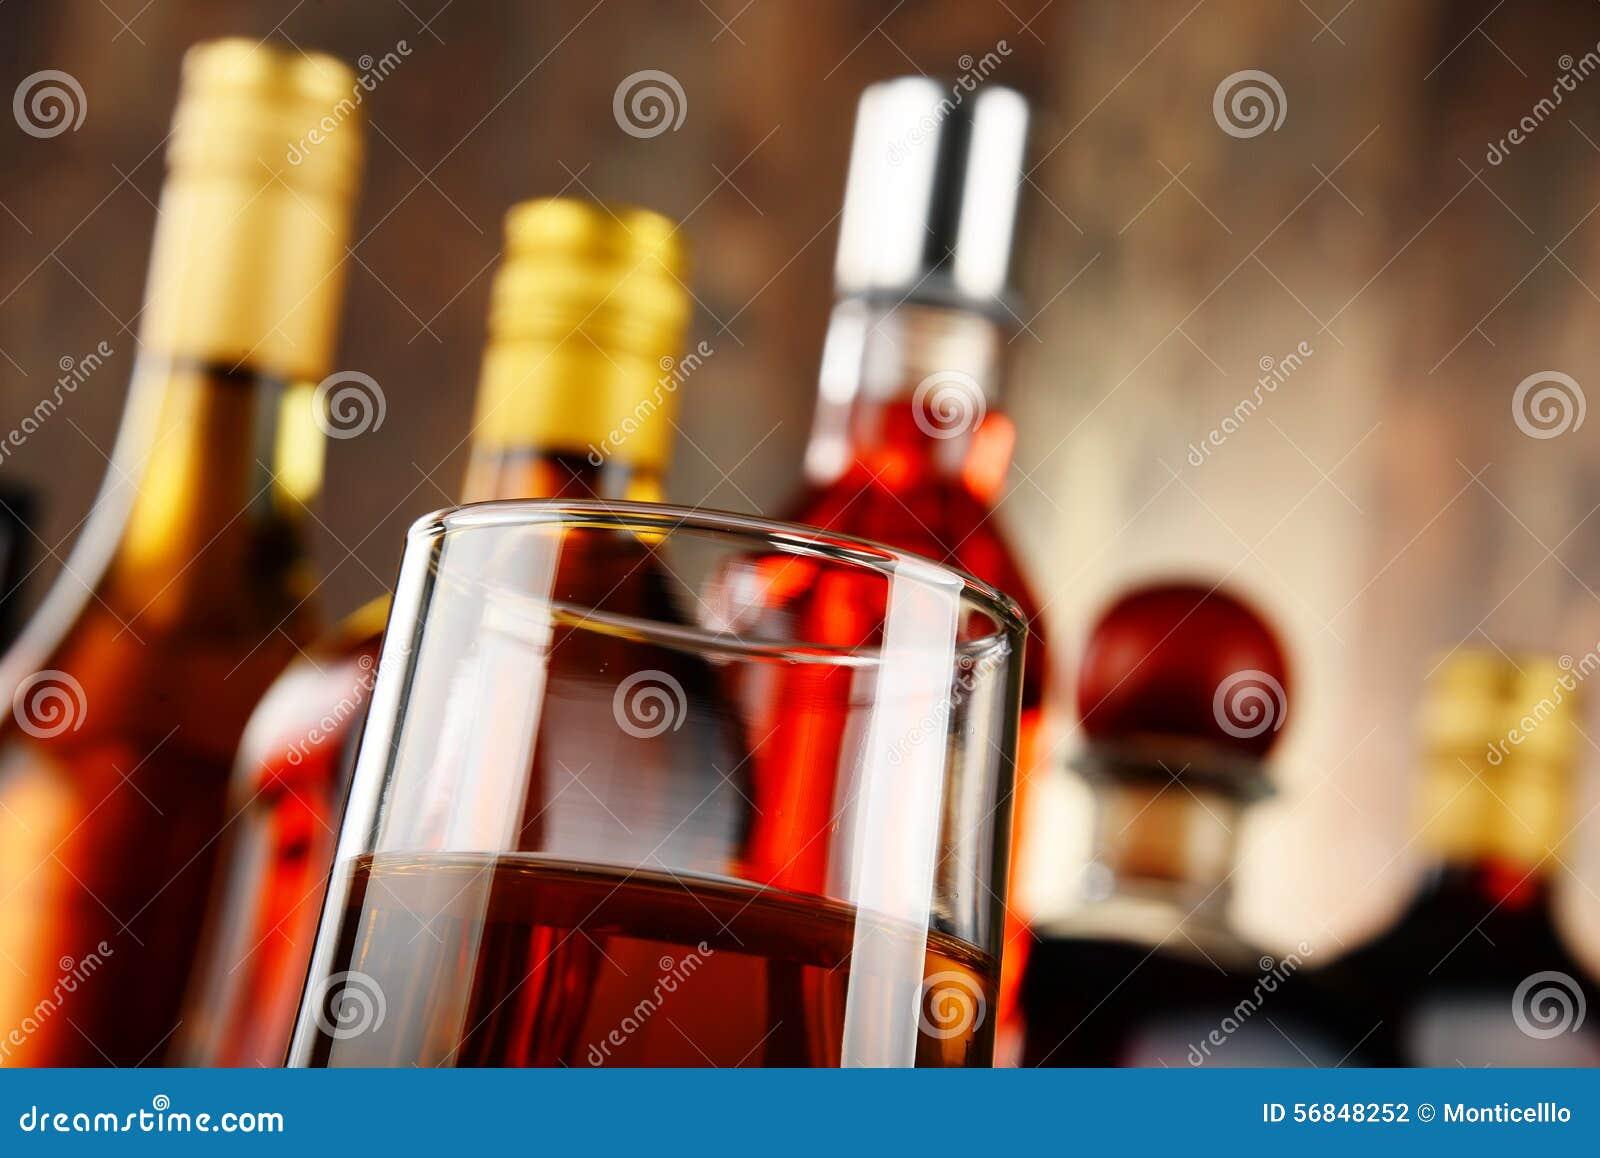 Glas Whisky und Flaschen sortierte alkoholische Getränke